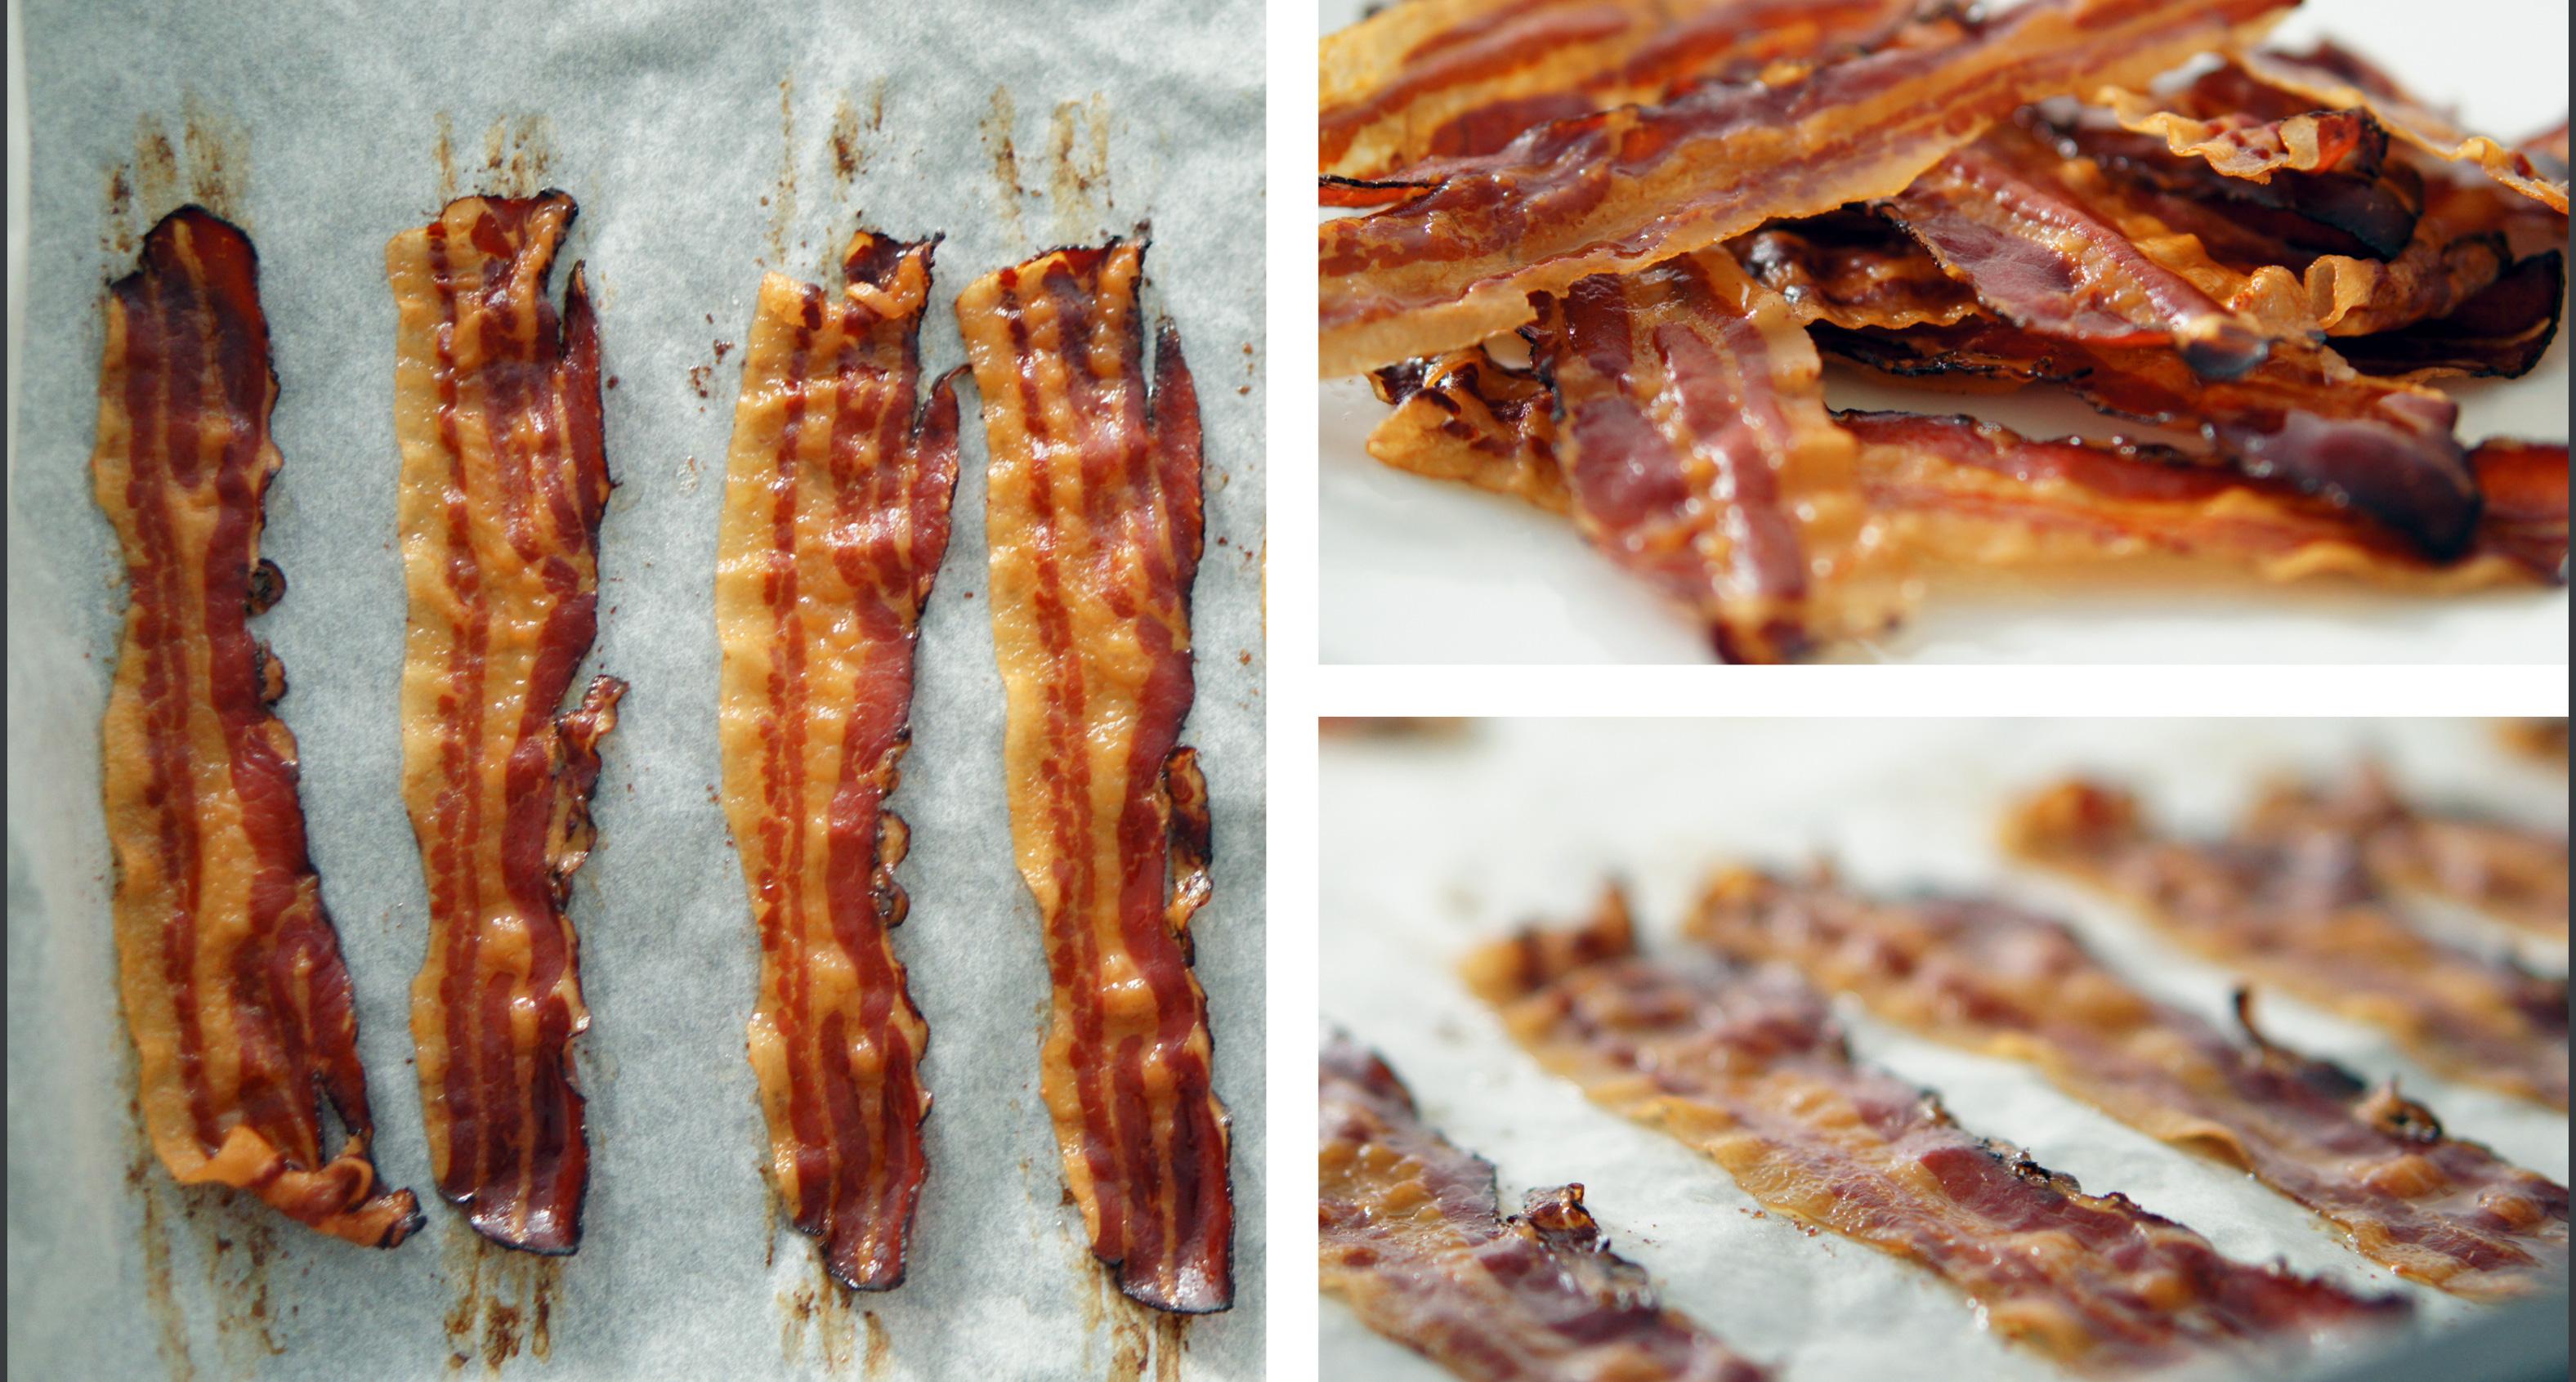 So gelingt der beste, perfekte, hauchdünne & knusprige Bacon ...